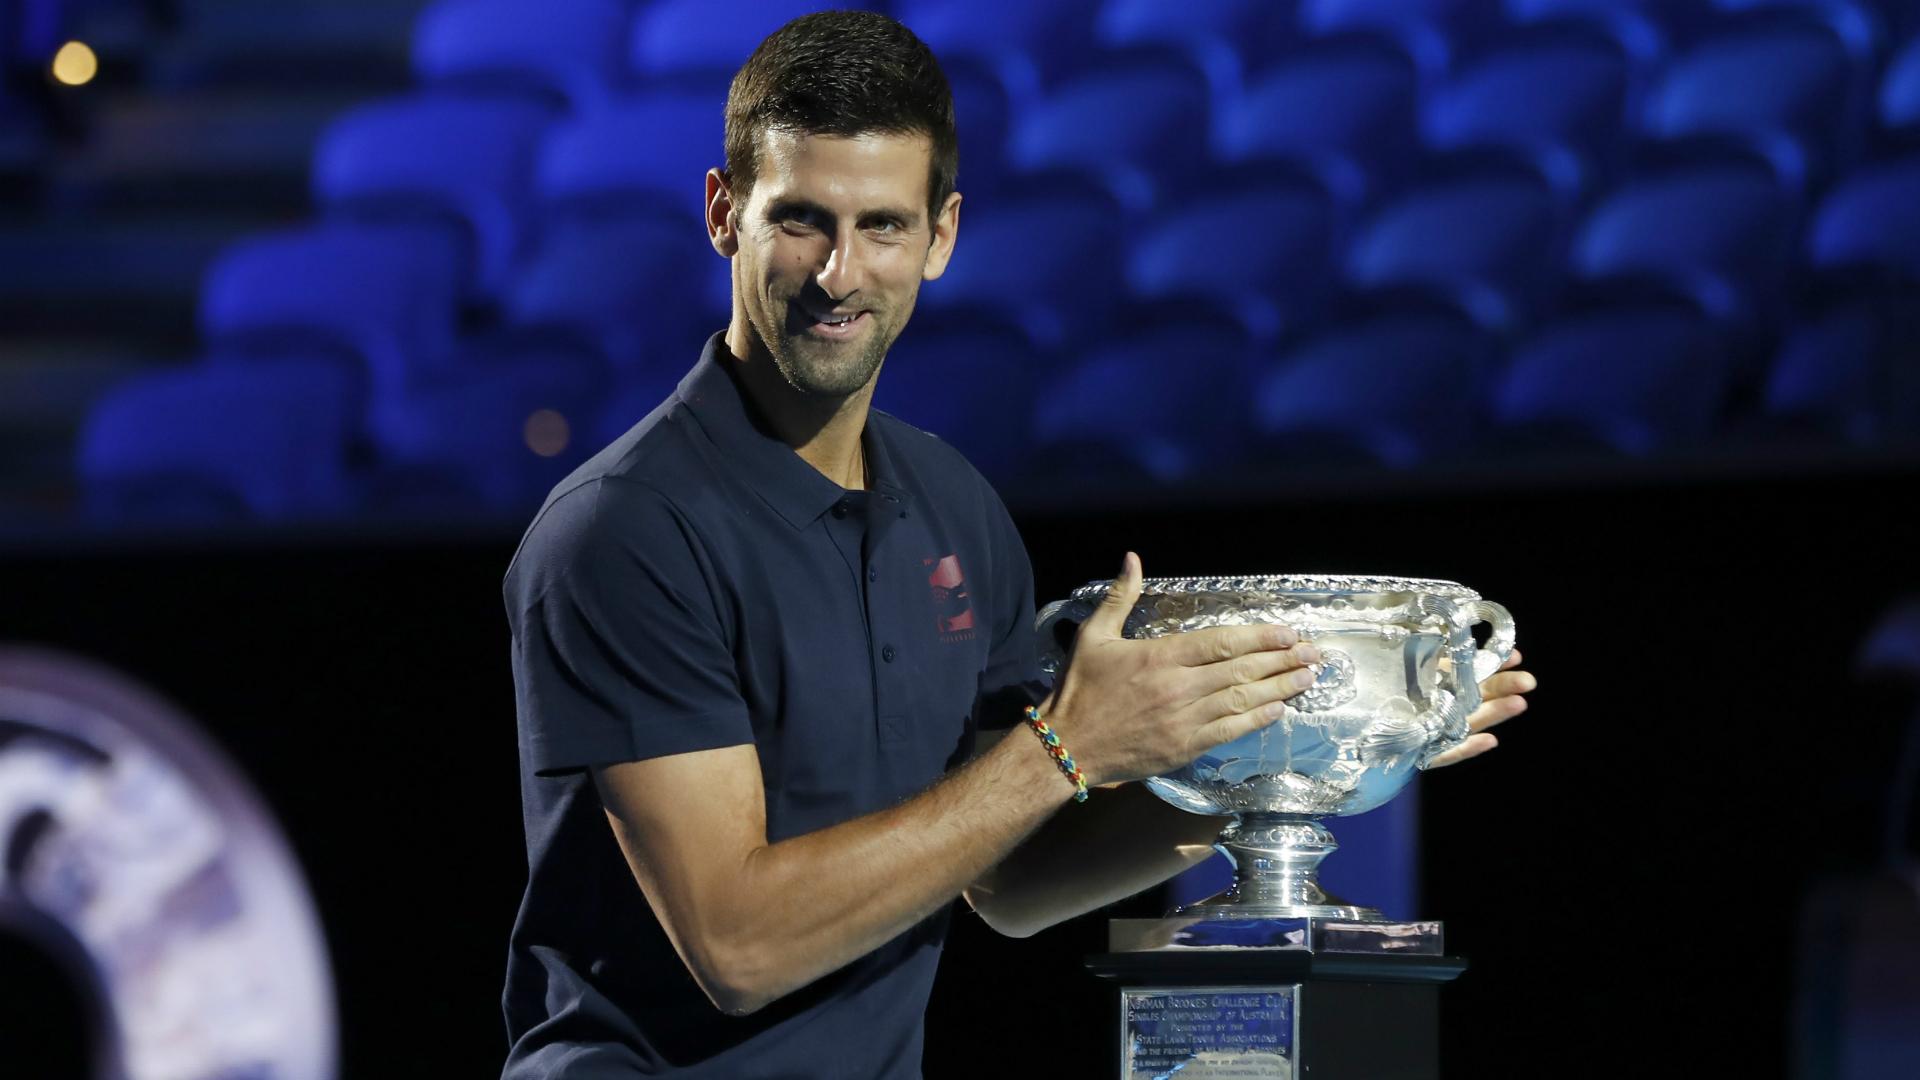 Sorteo del Abierto de Australia 2020: Djokovic en camino para el enfrentamiento de Federer mientras Venus se enfrenta a Gauff nuevamente 2